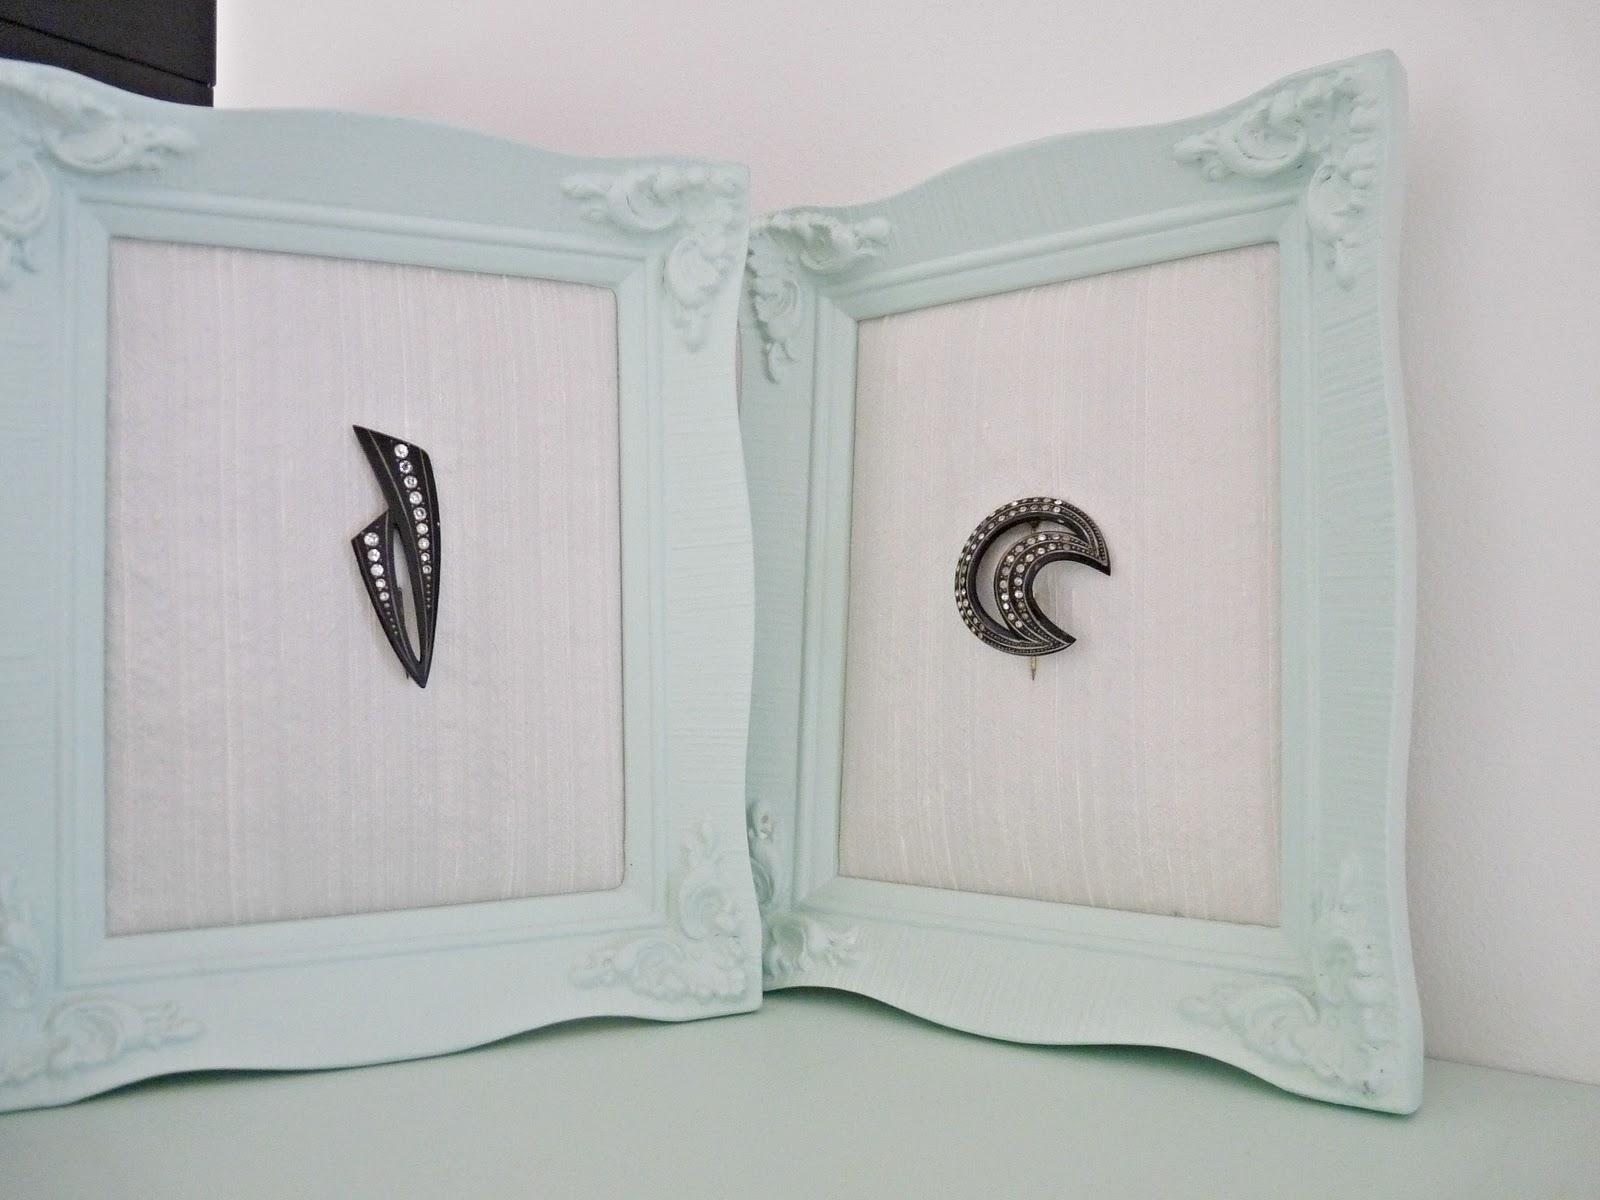 Craft ideas using vintage jewellery